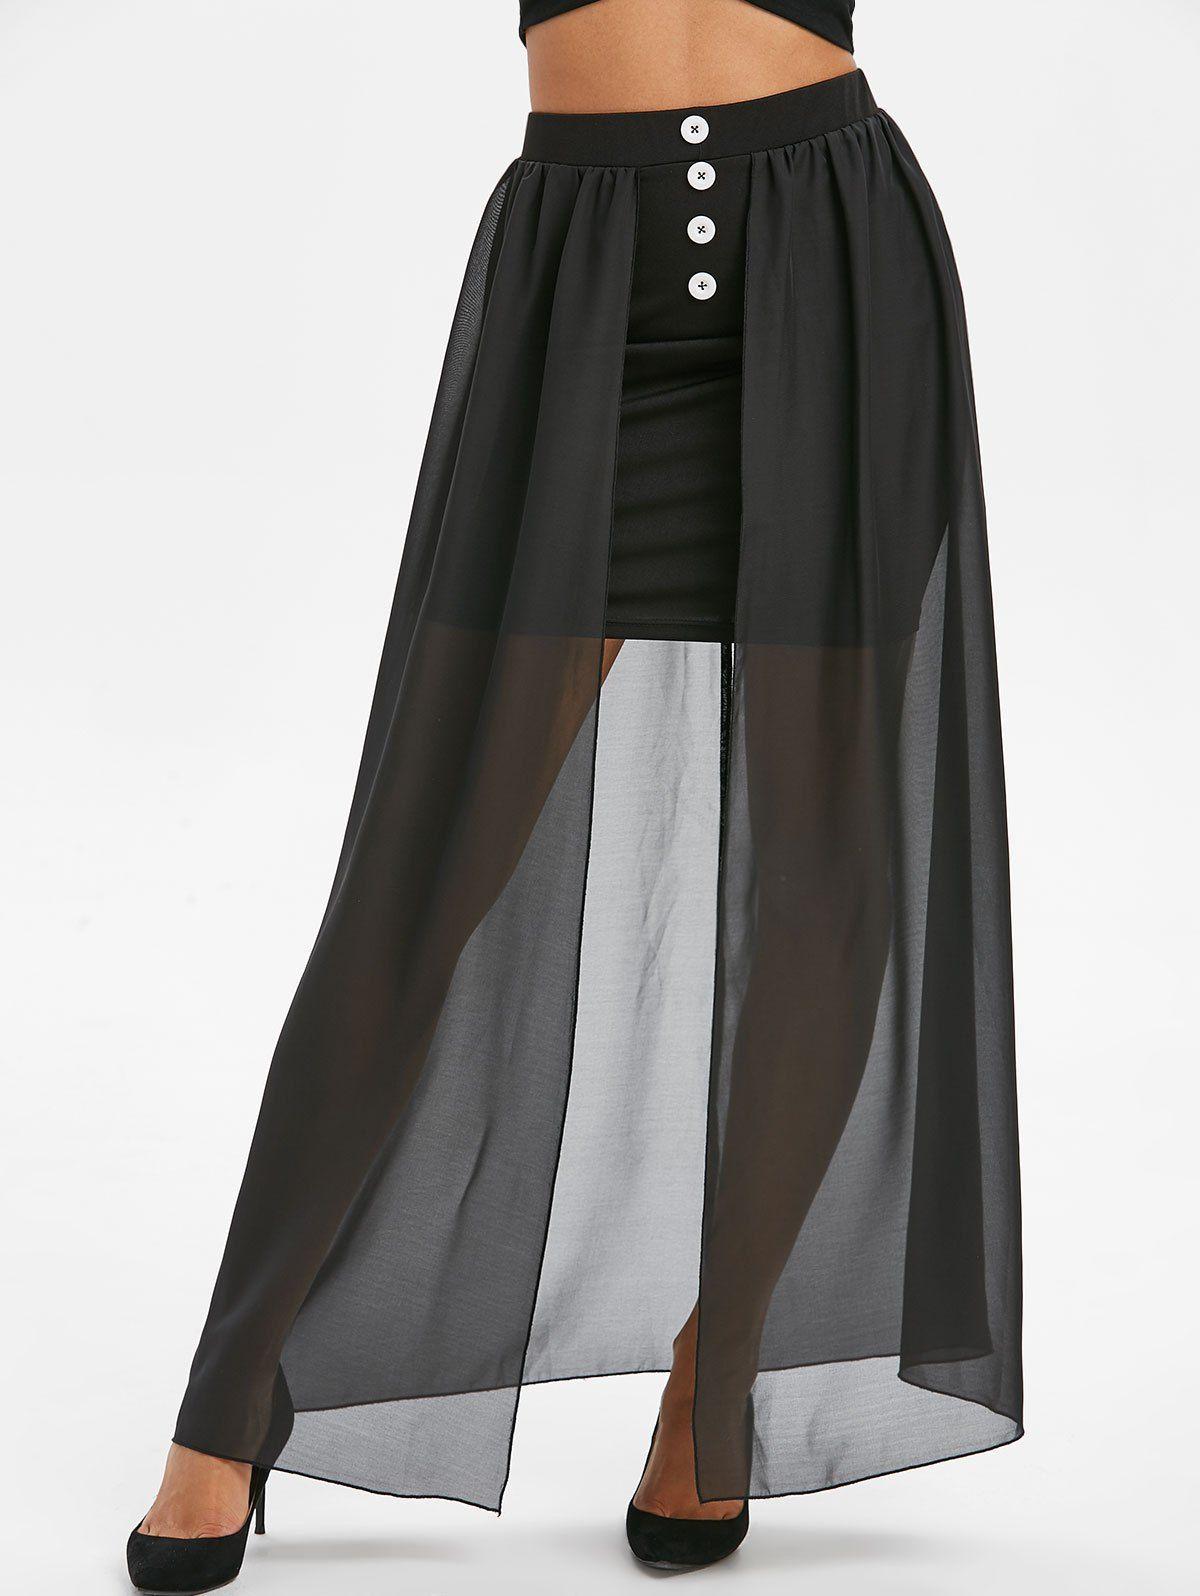 Buttons High Waist Overlay Mesh Maxi Skirt